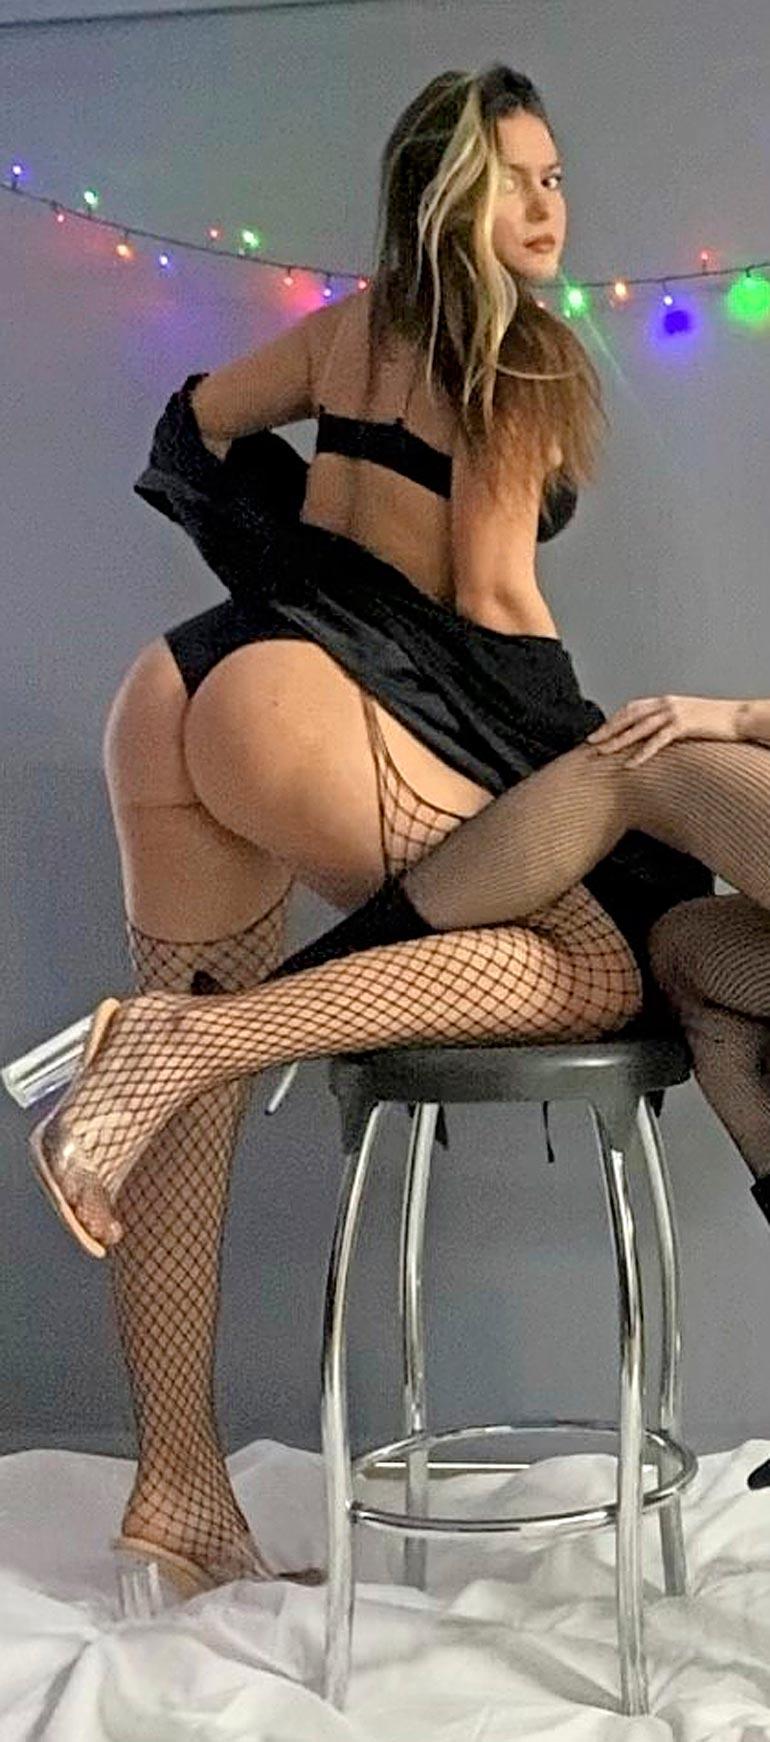  Sinkku-Tara keskittyy opintoihinsa, mutta harrastaa seksikkäitä valokuvaussessioita kämppiksensä kanssa.Sinkku-Tara keskittyy opintoihinsa, mutta harrastaa seksikkäitä valokuvaussessioita kämppiksensä kanssa.